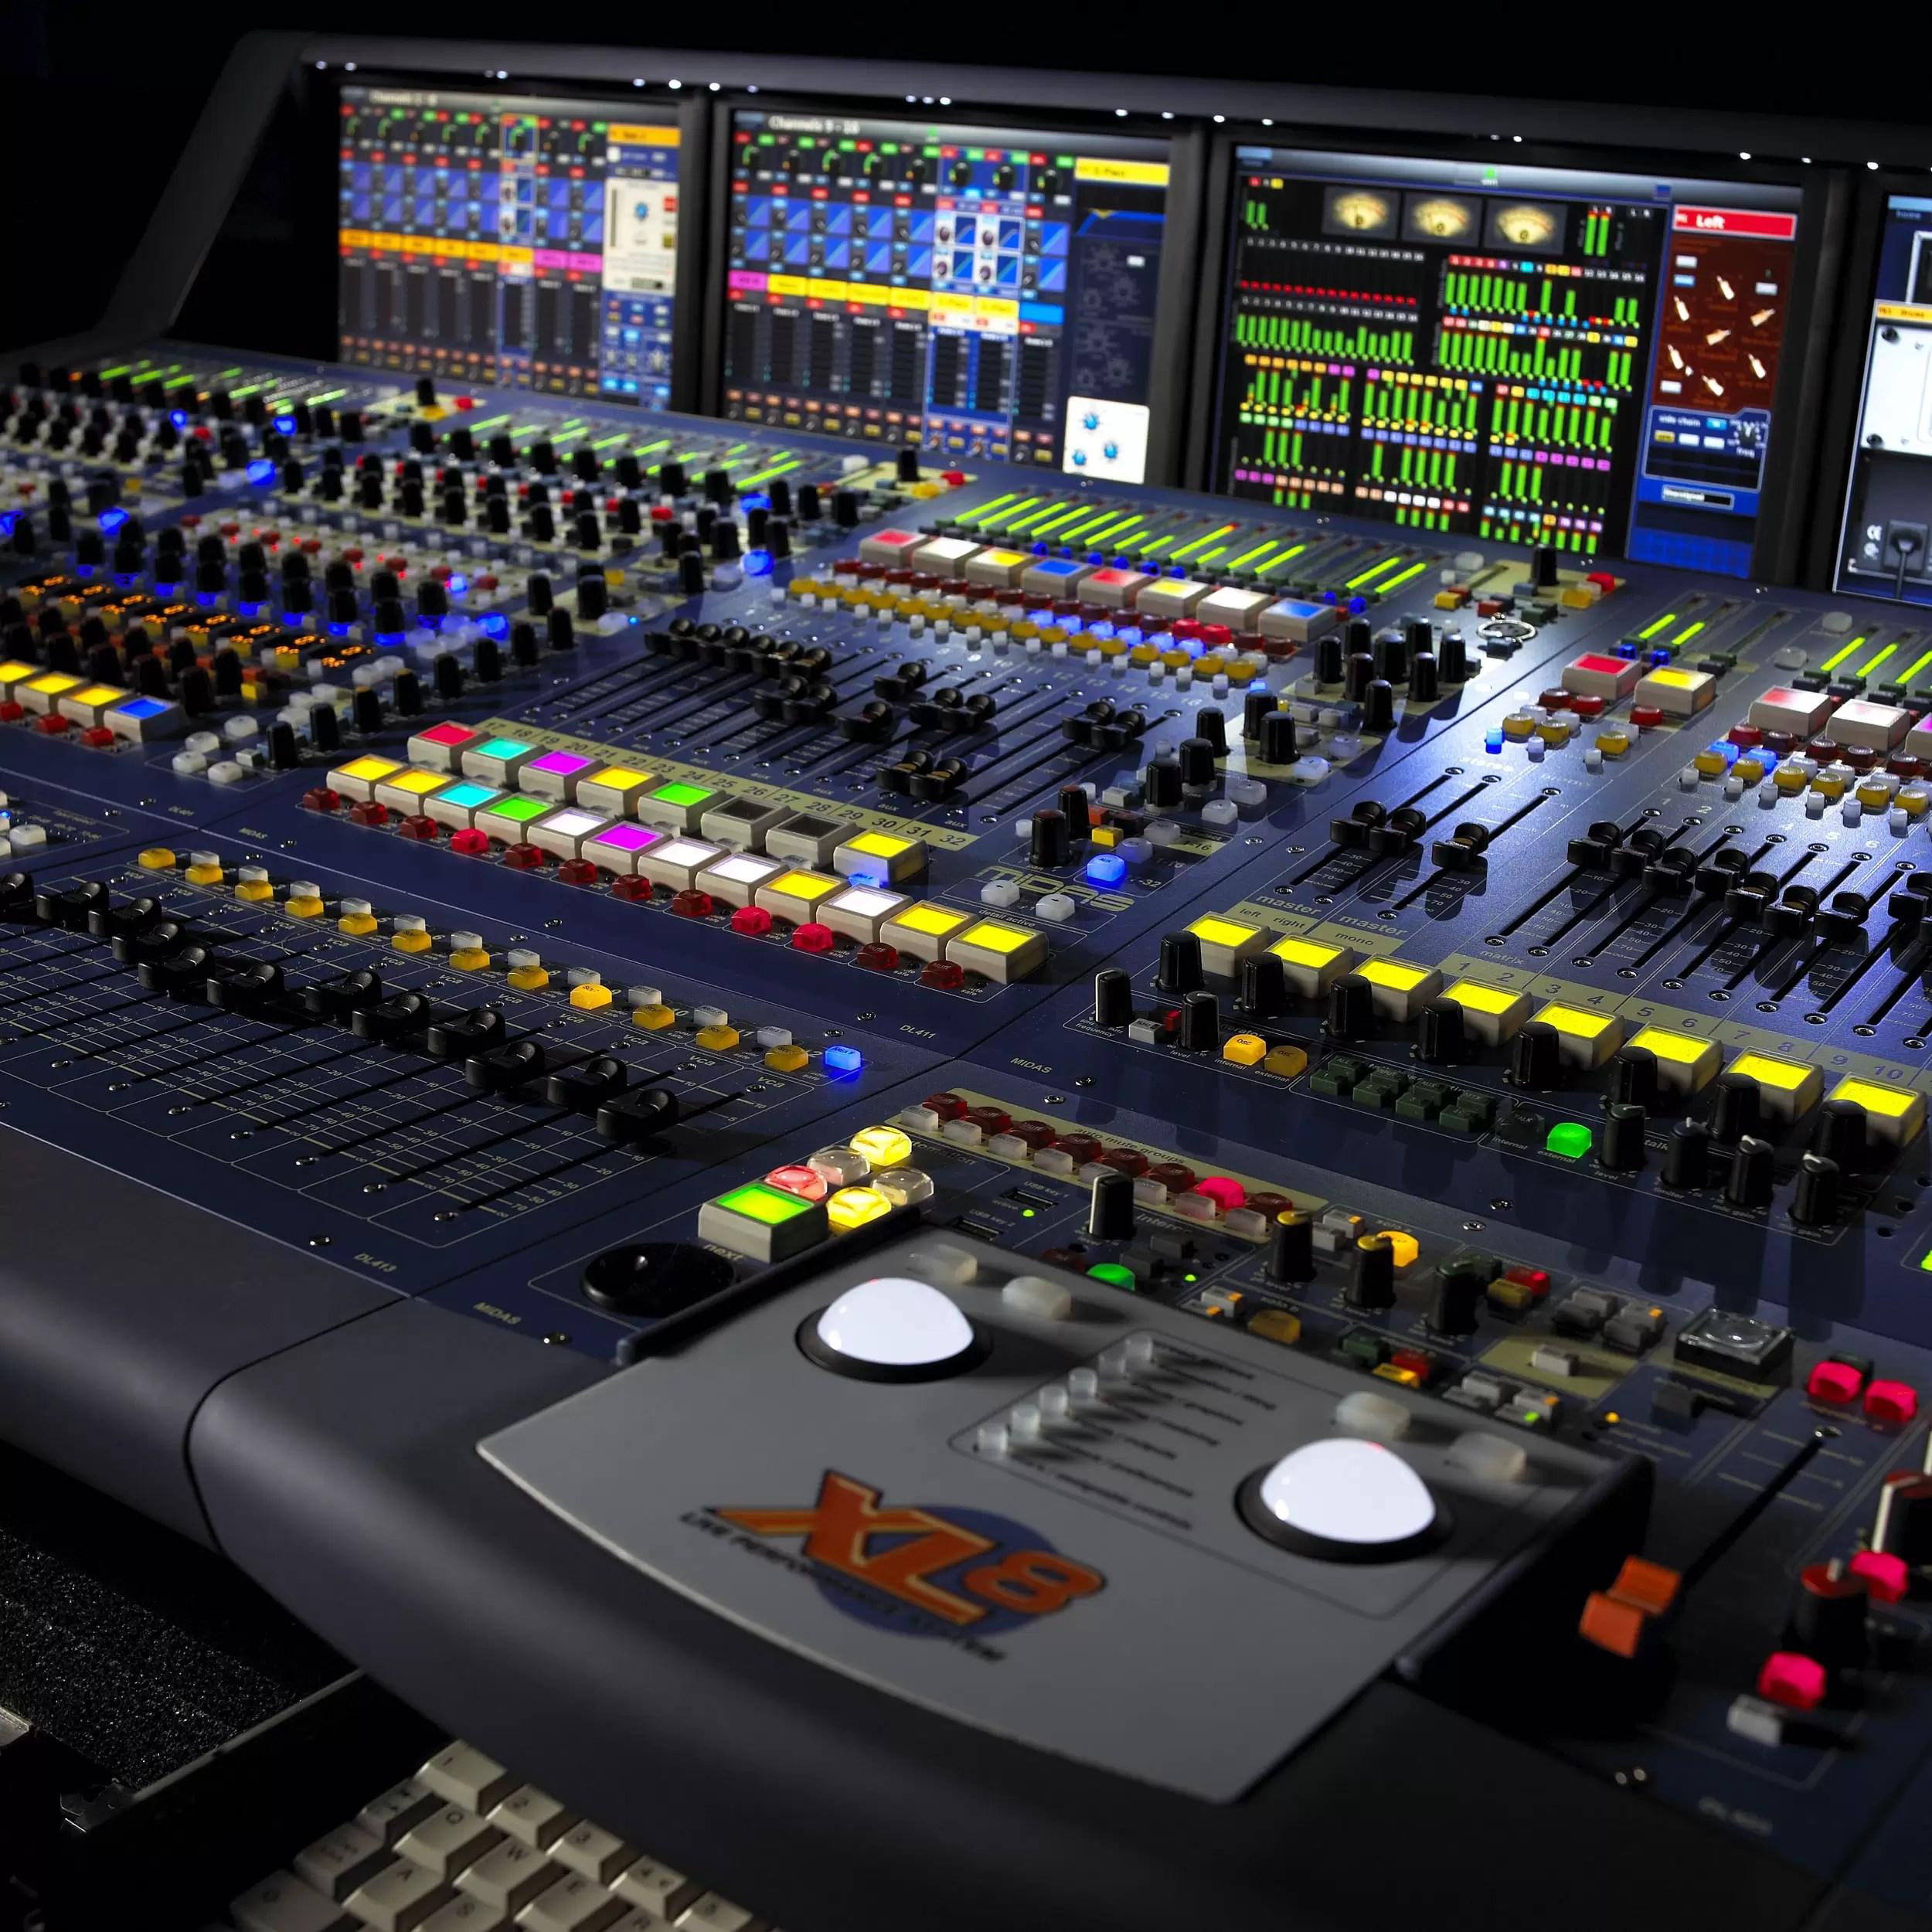 Houston Audio Rental